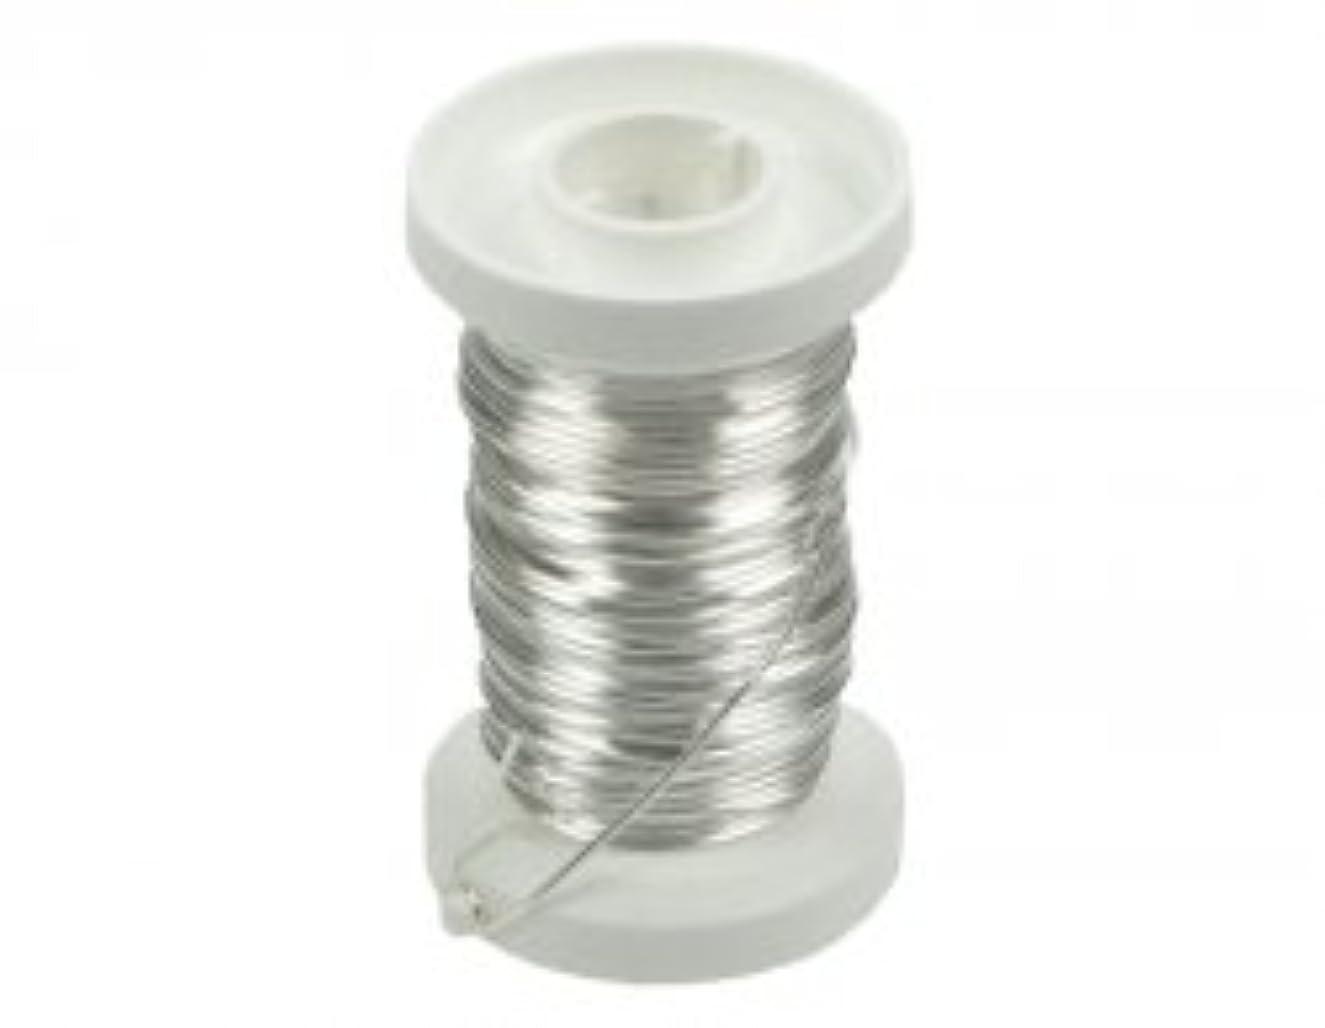 Glorex Silver Wire 0.6?mm x 15?m Silver Plated Copper Core Wire Silver 9?x 8.69?x 3.2?cm